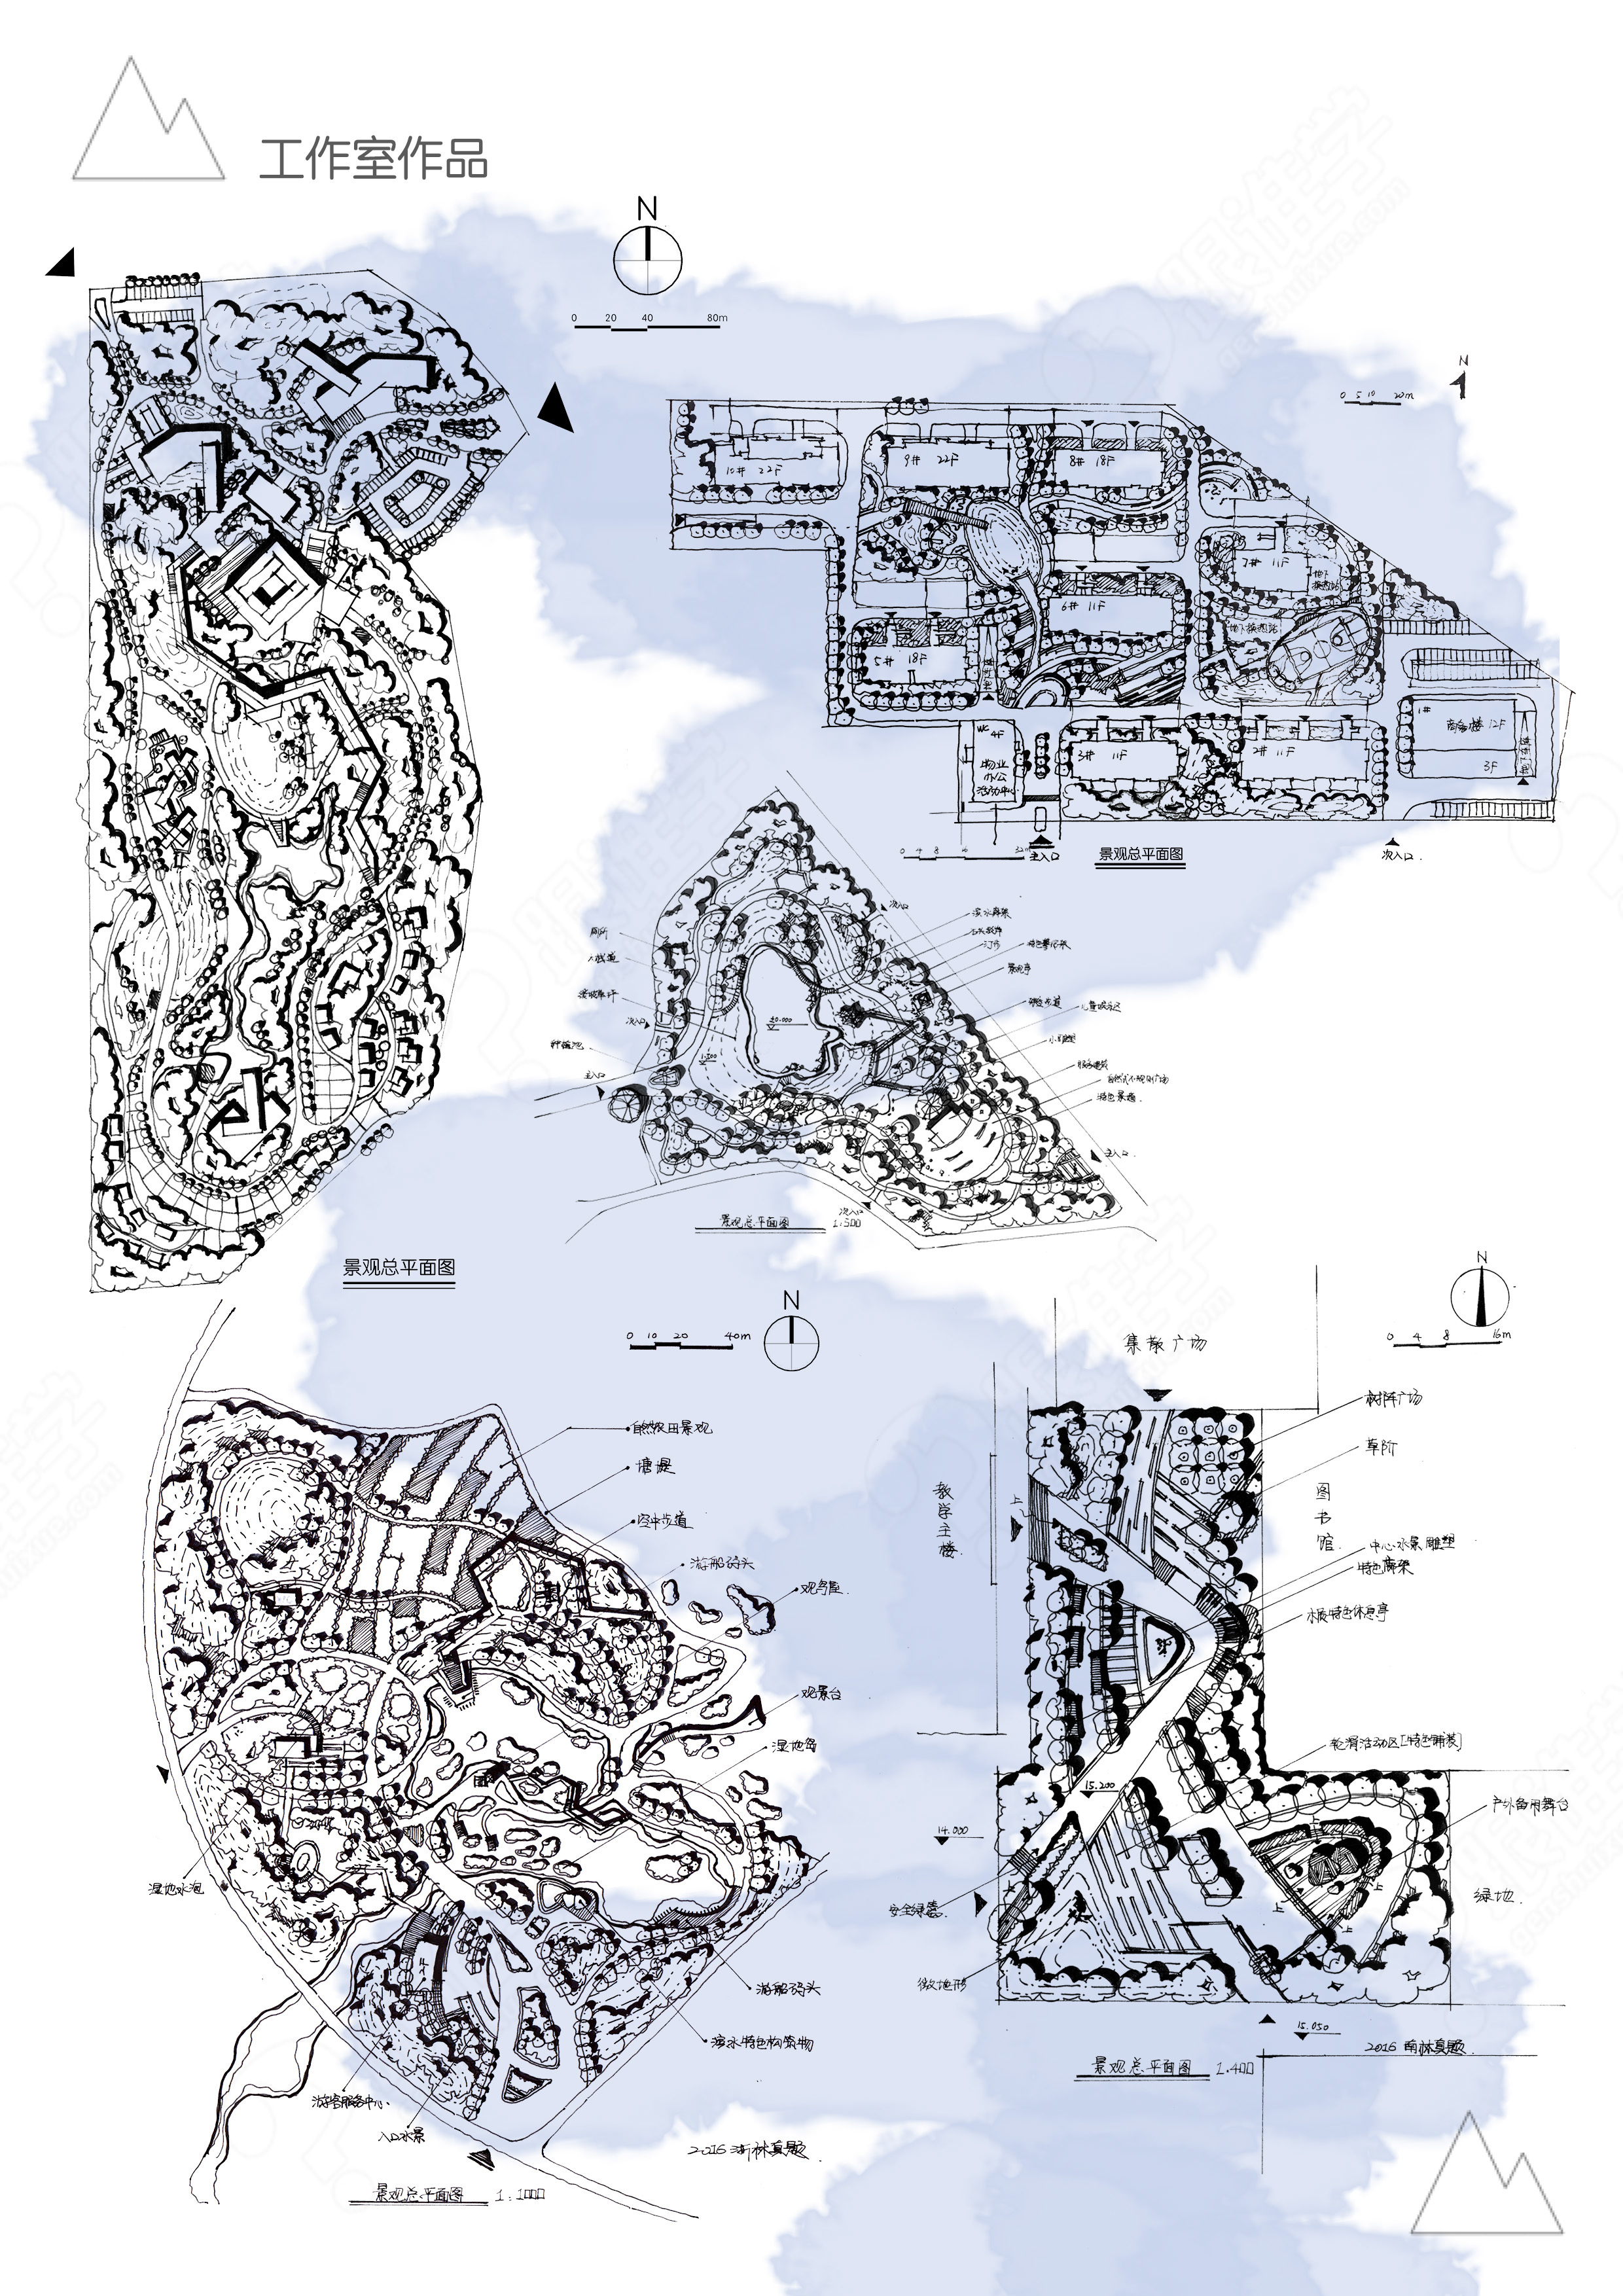 简笔画 设计 矢量 矢量图 手绘 素材 线稿 2480_3508 竖版 竖屏